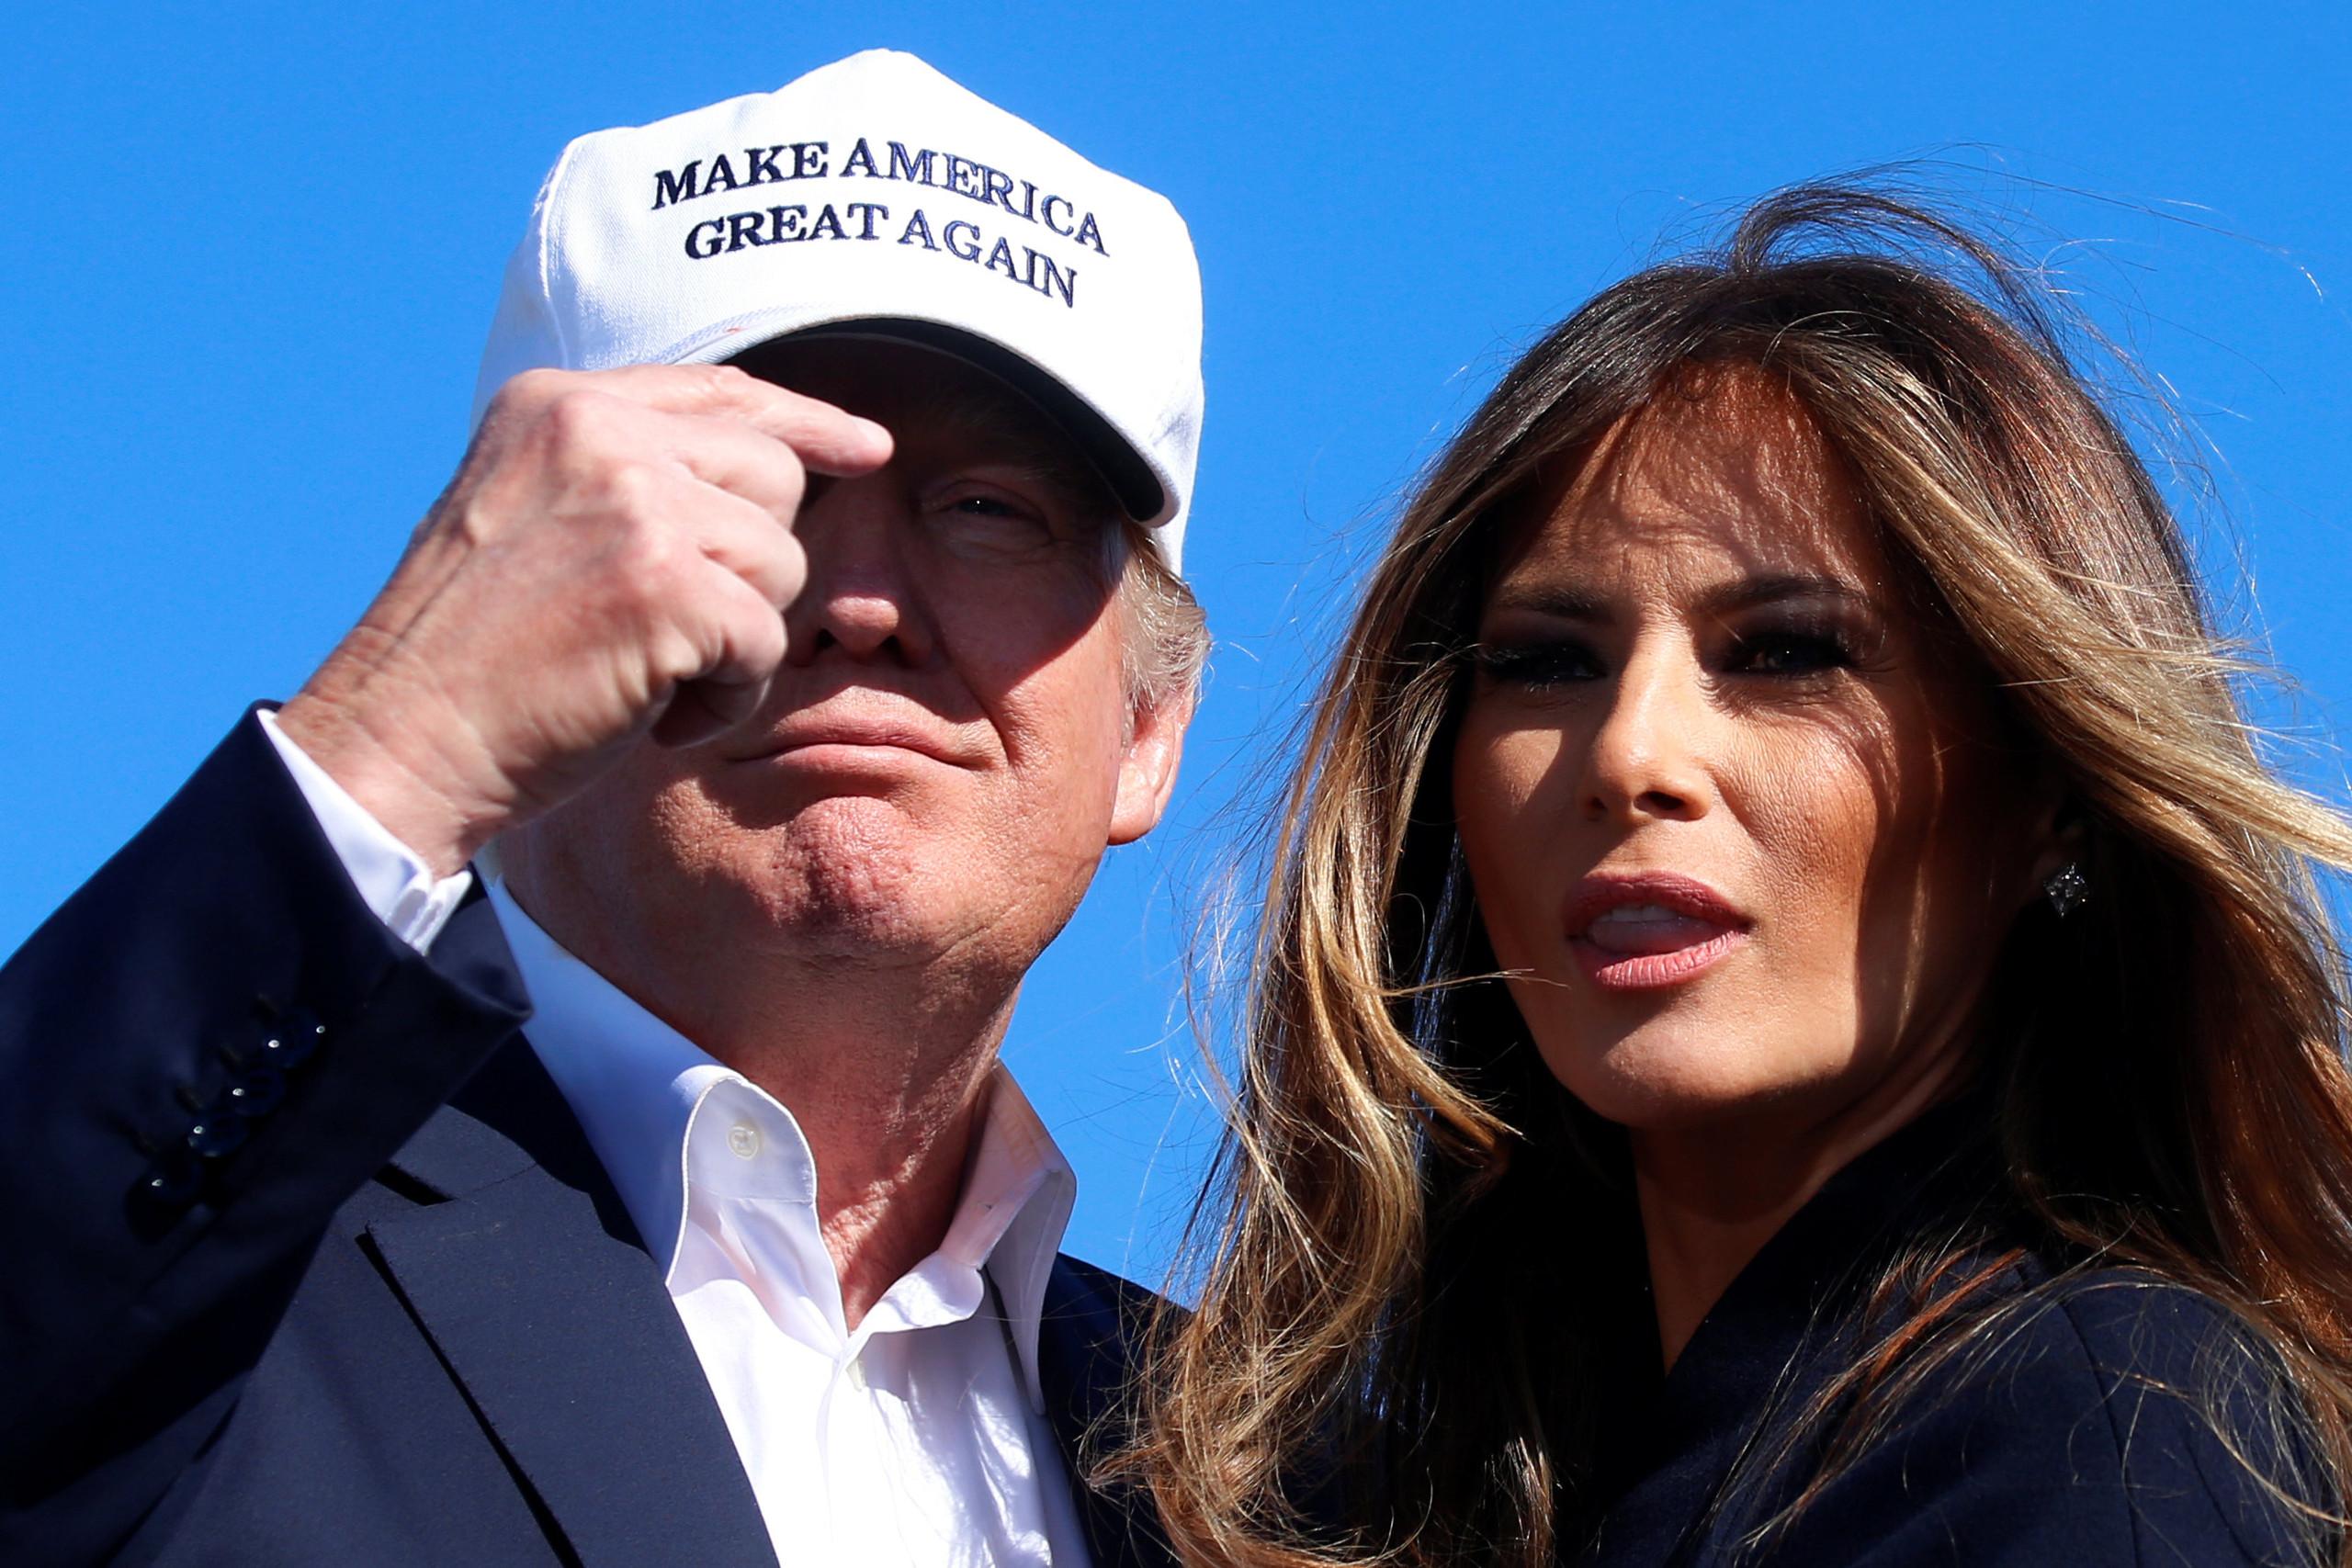 ترامب يحرم مئات المغاربة من حلم الالتحاق بأمريكا